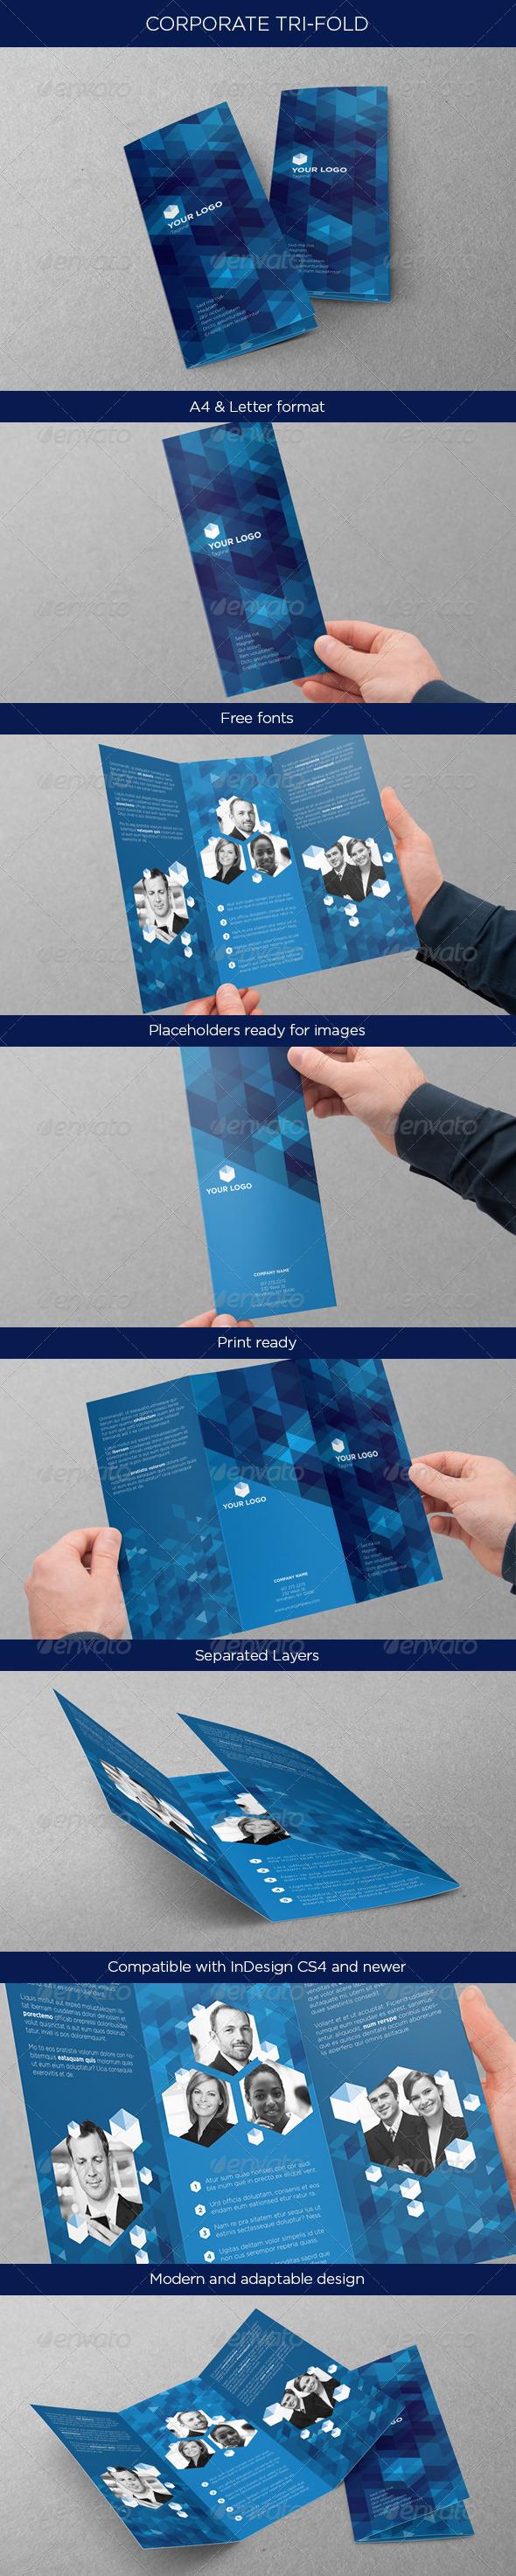 GraphicRiver Business Tri-fold 4604625